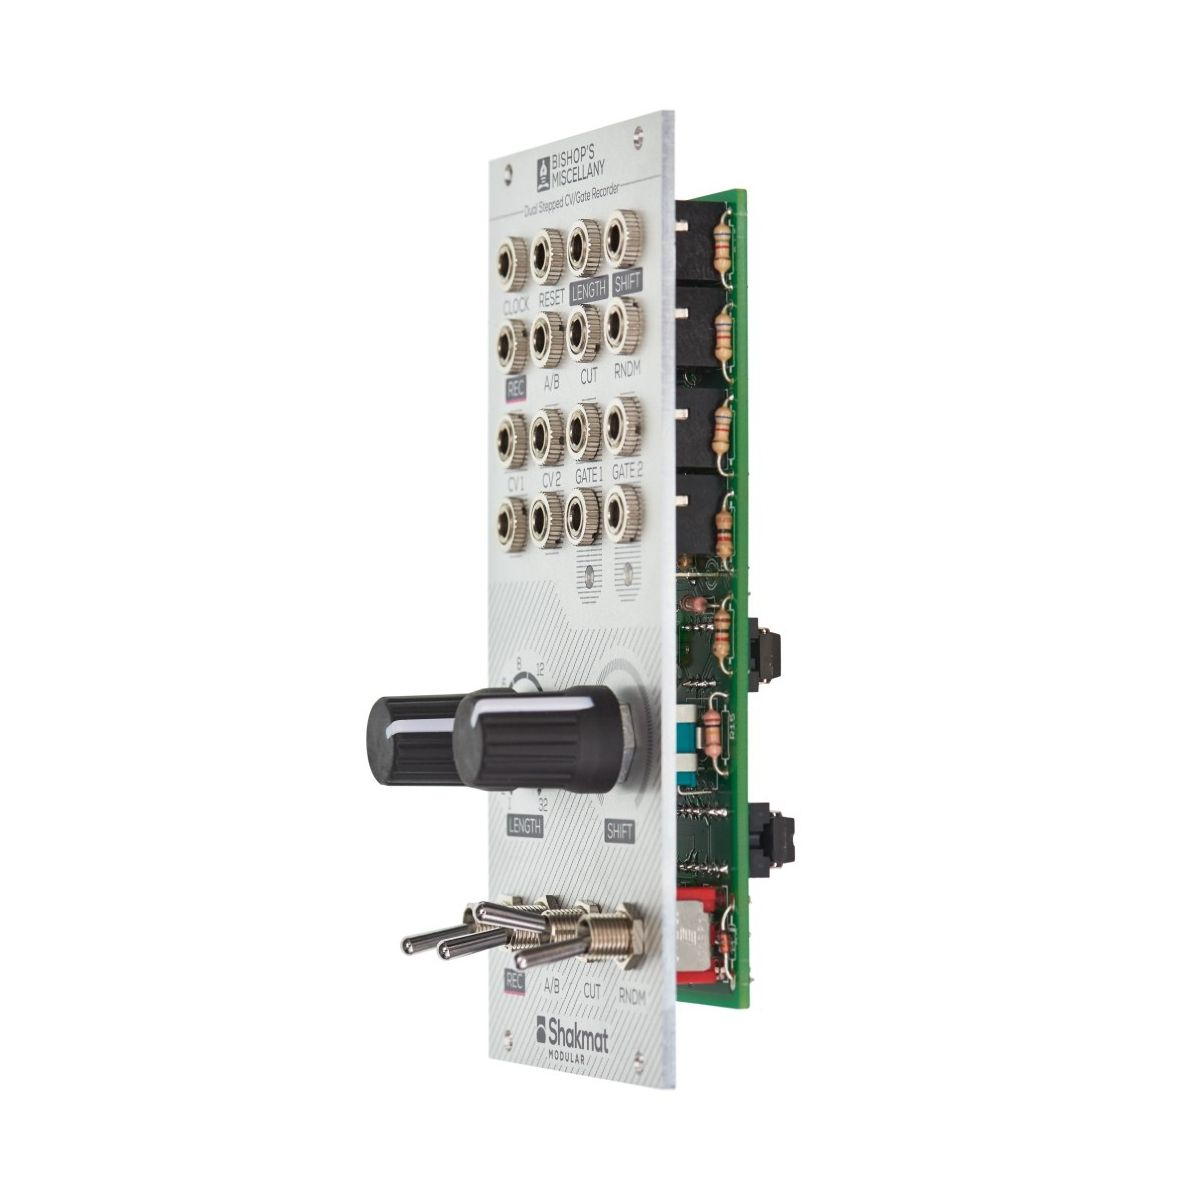 Shakmat Modular Bishop's Miscellany Eurorack Dual CV/Gate Recorder Module